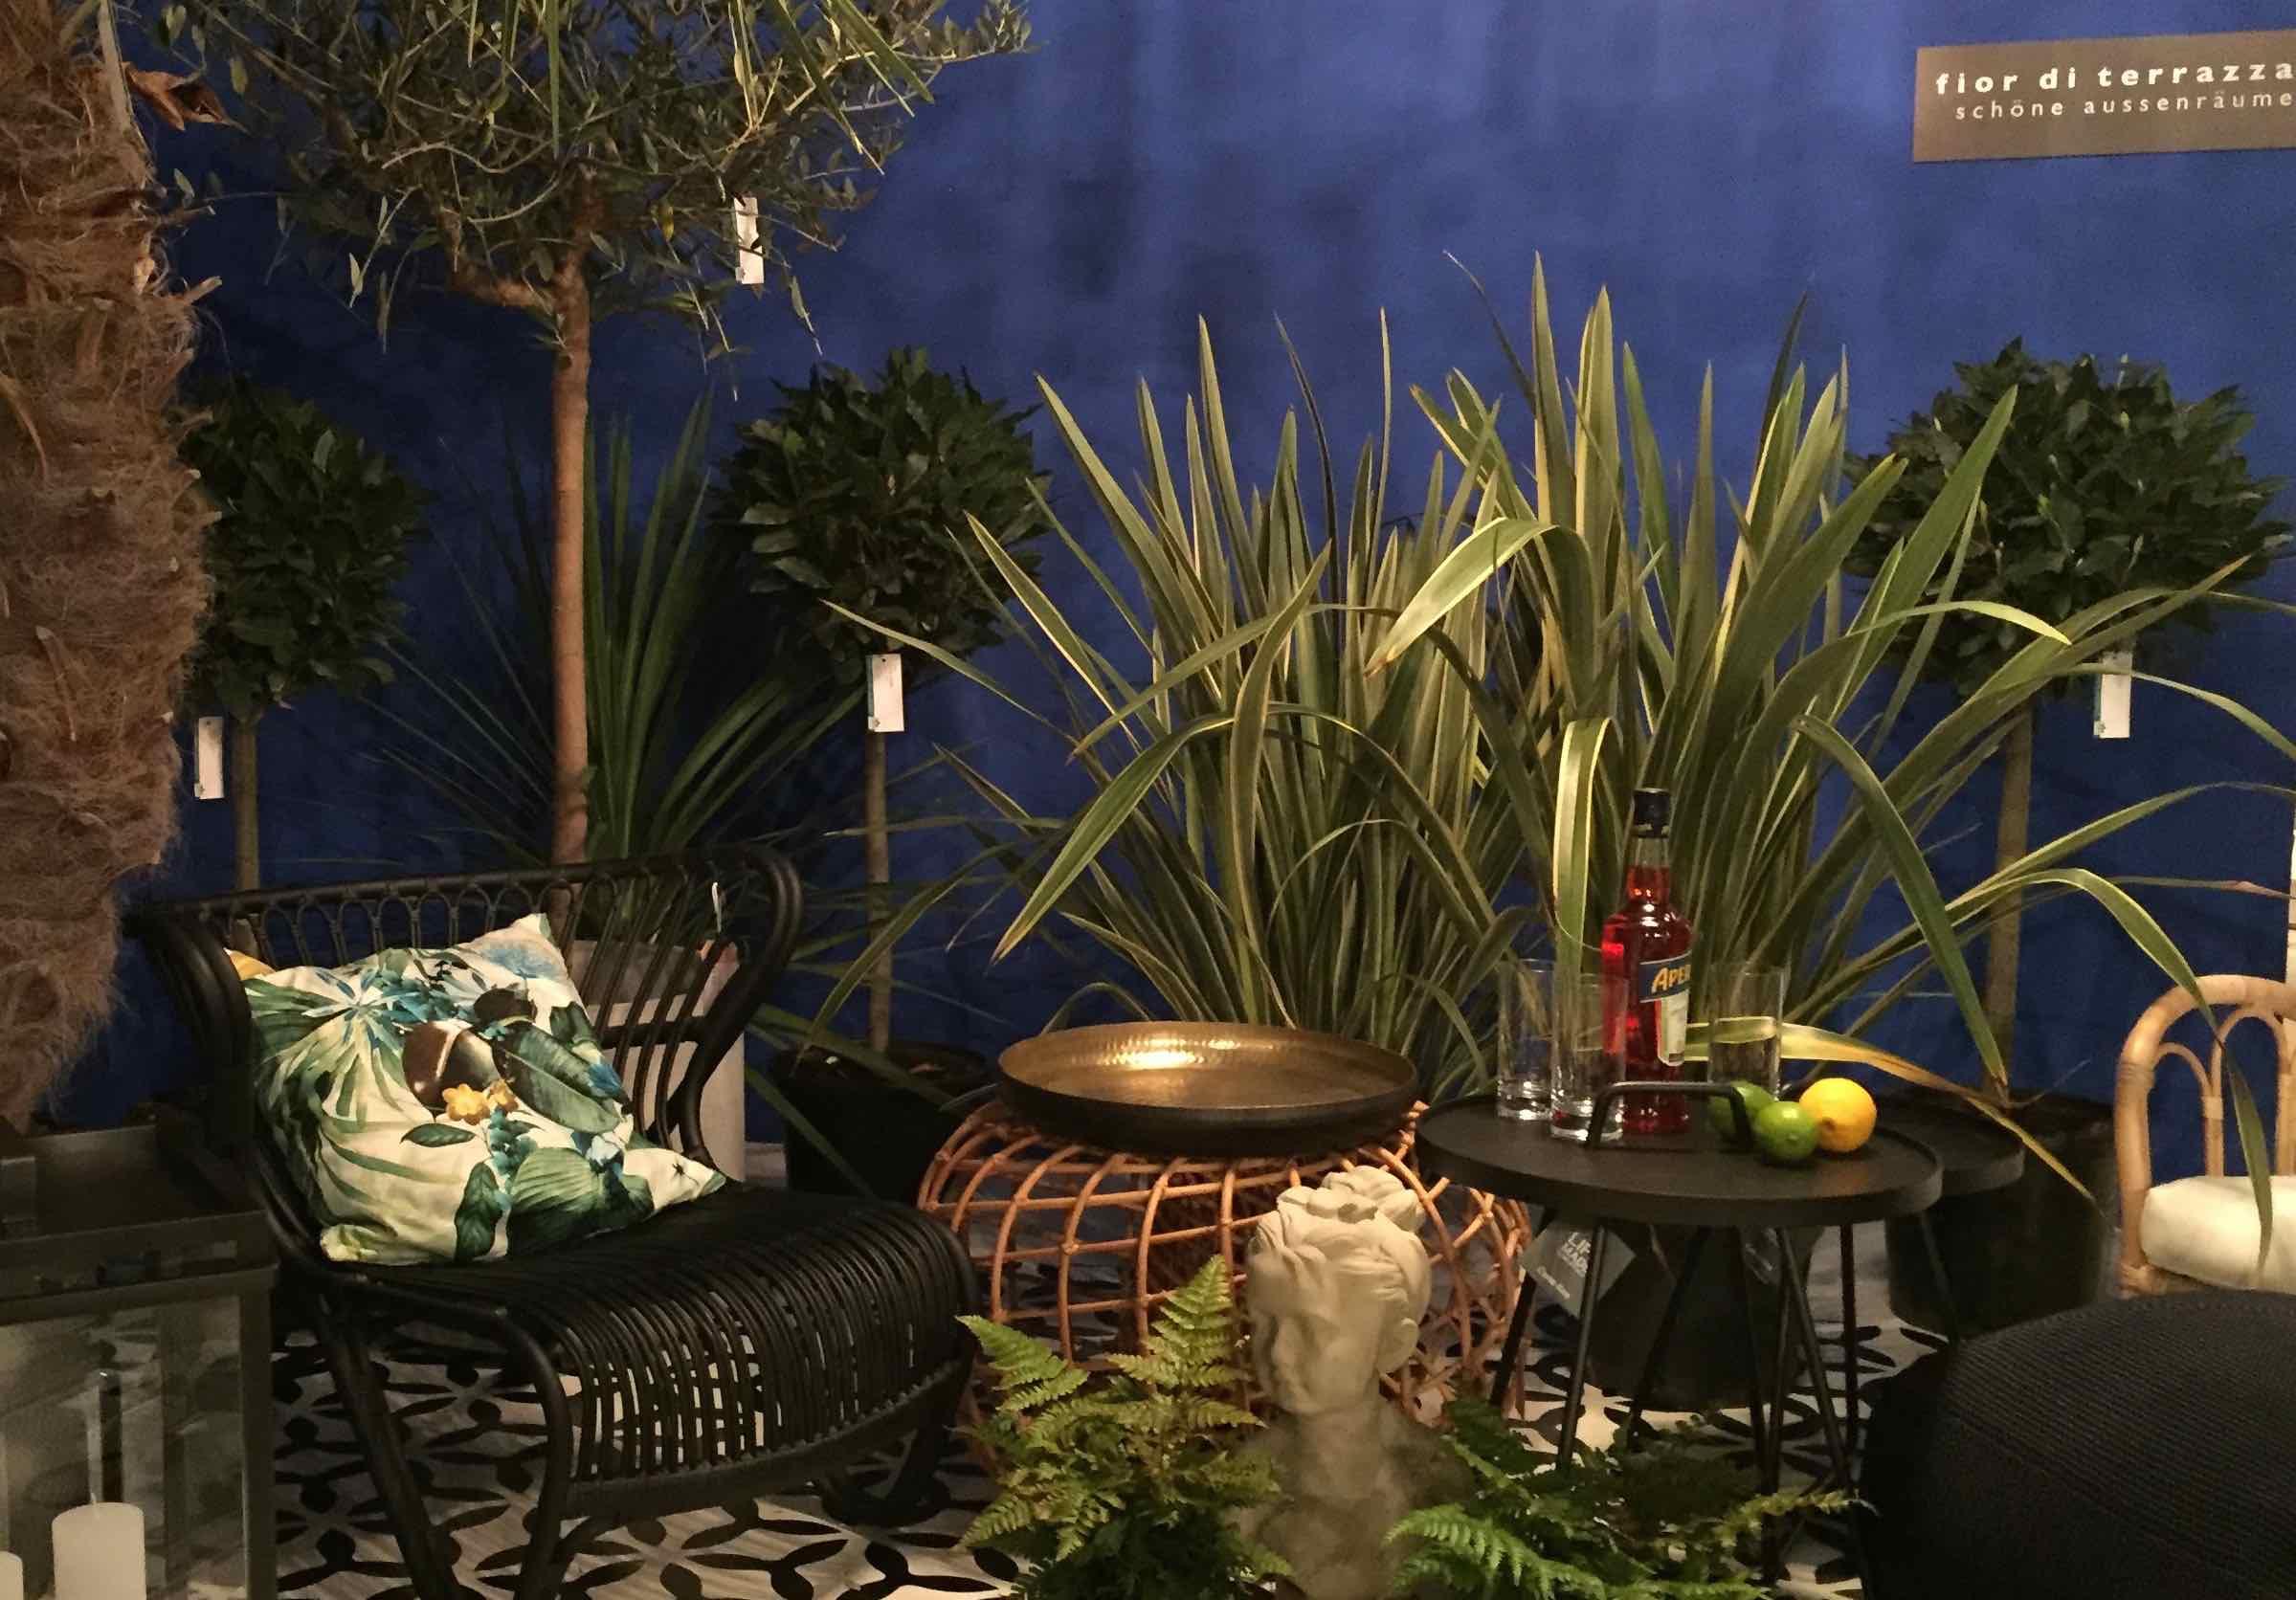 Wintergarten in Ultramarinblau, verglast